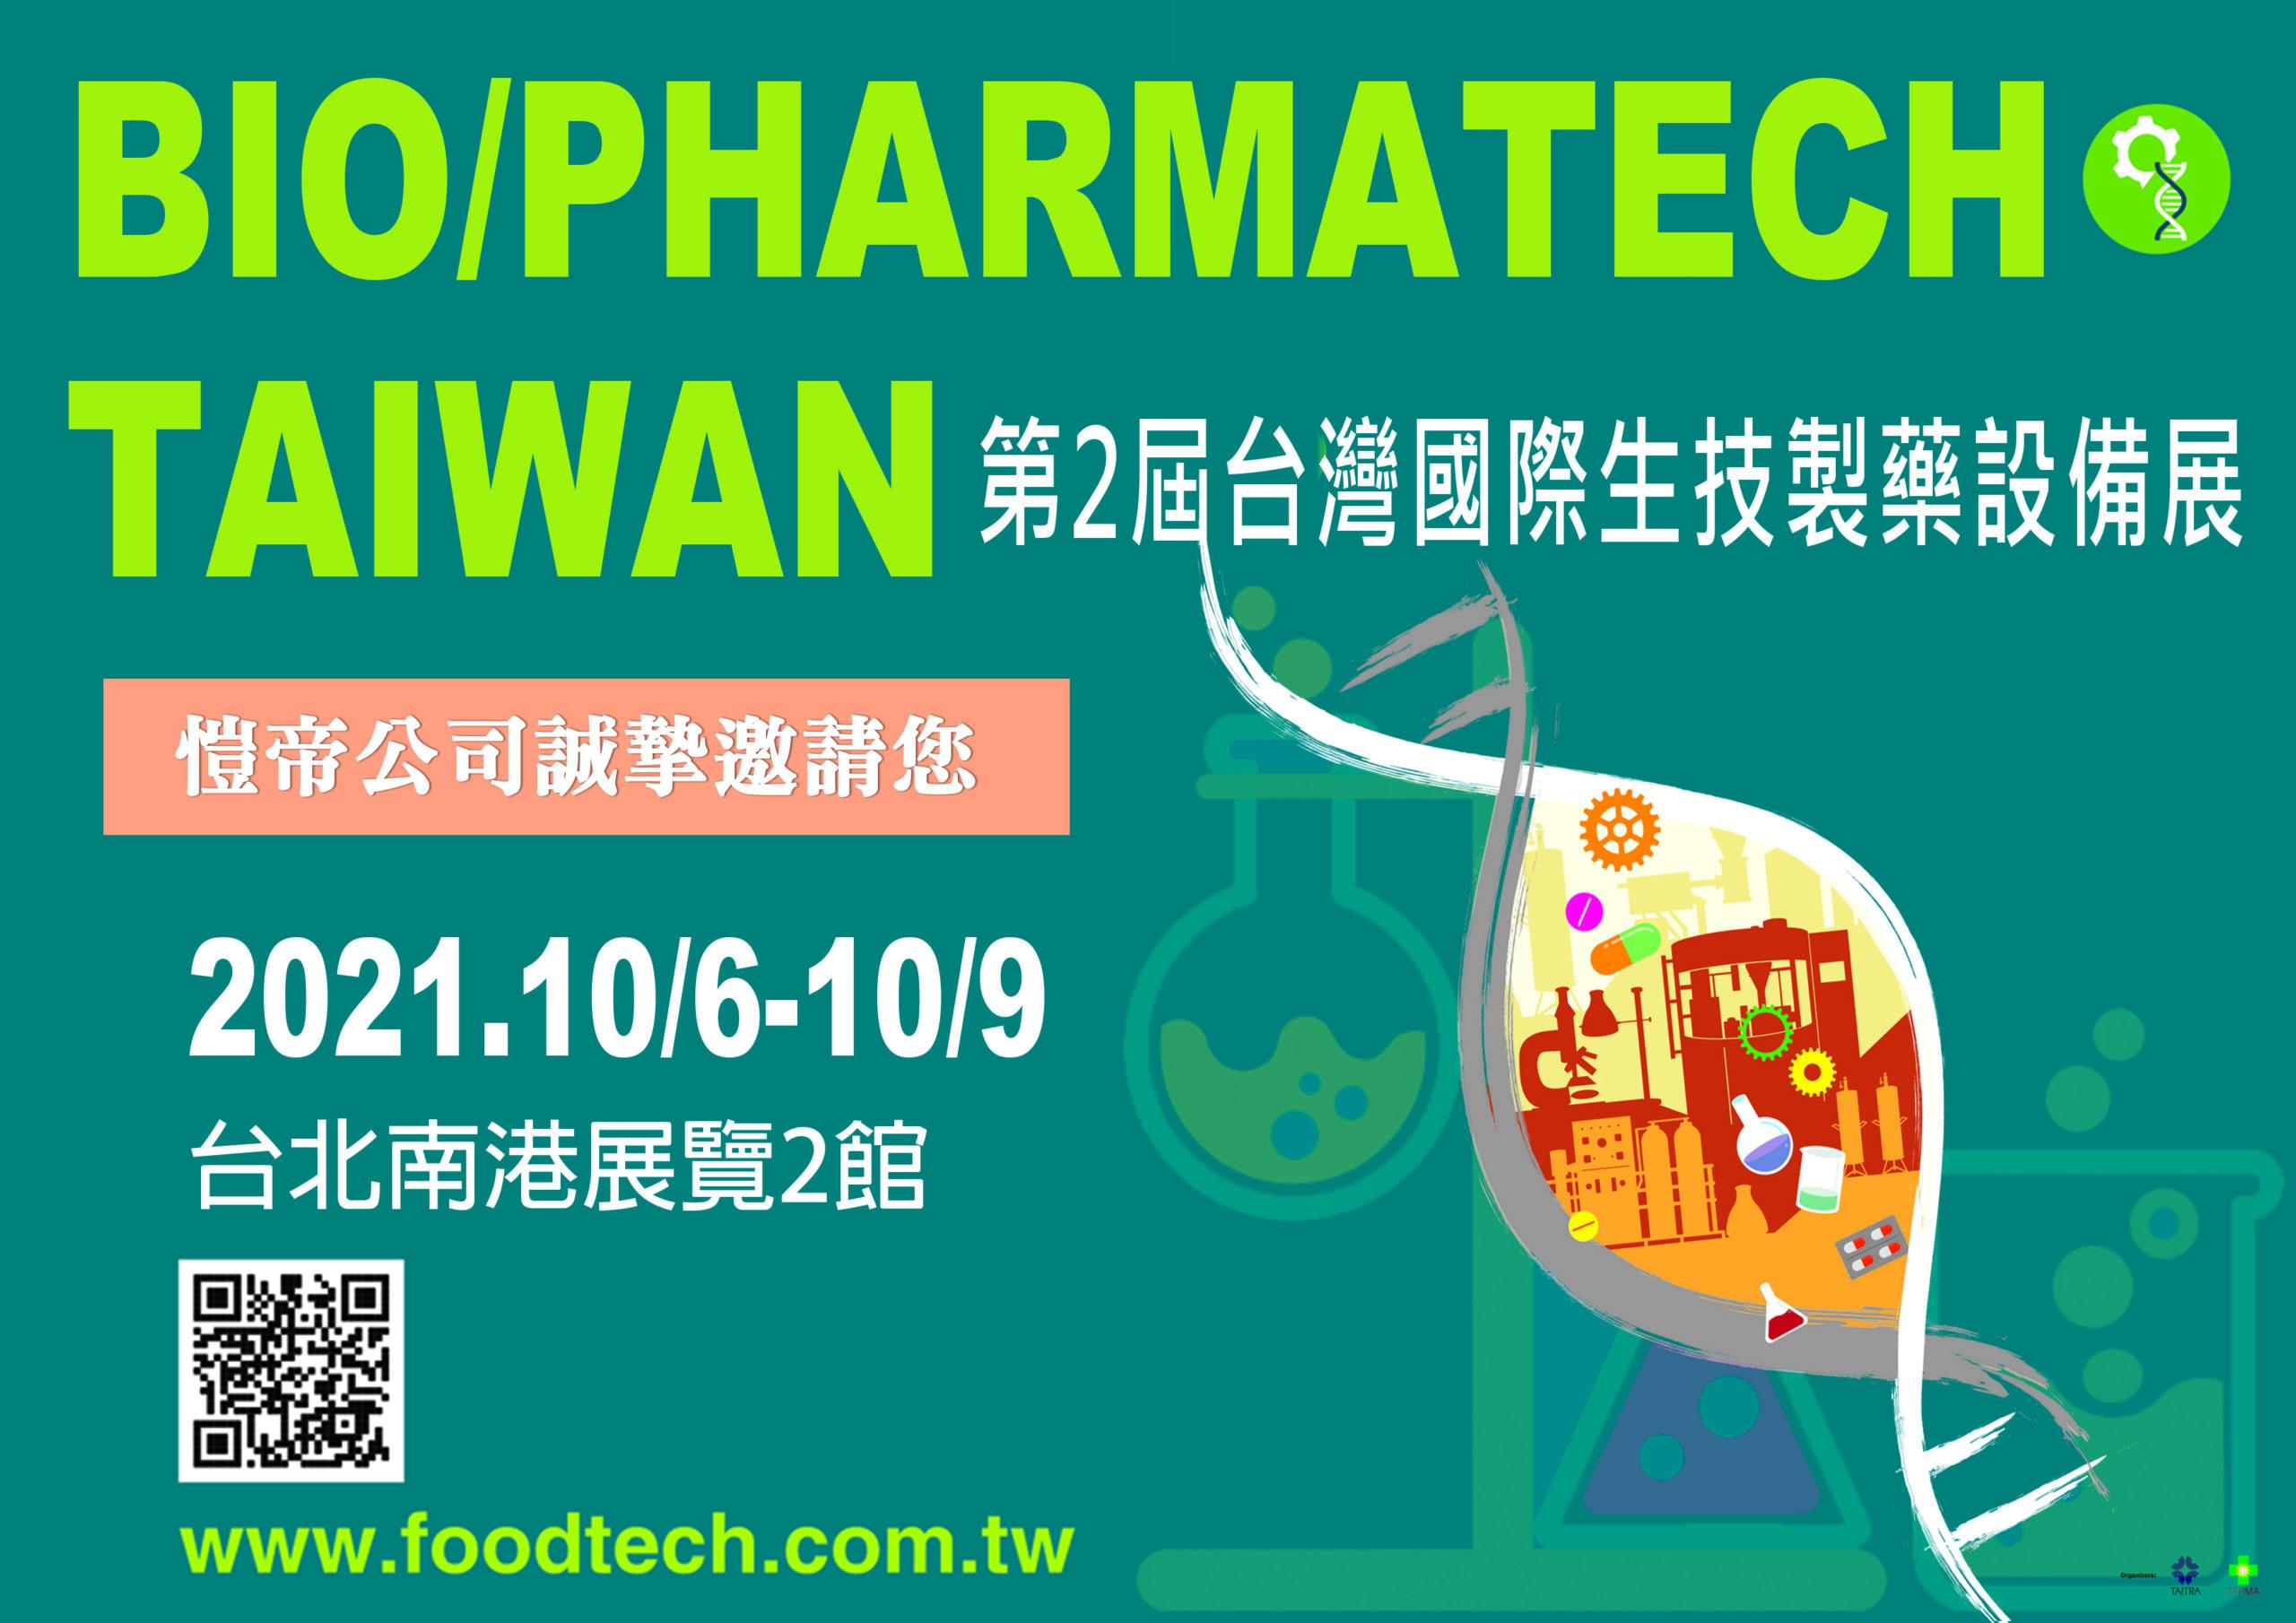 恺帝邀请您一同参与2021年台湾国际生技制药设备展